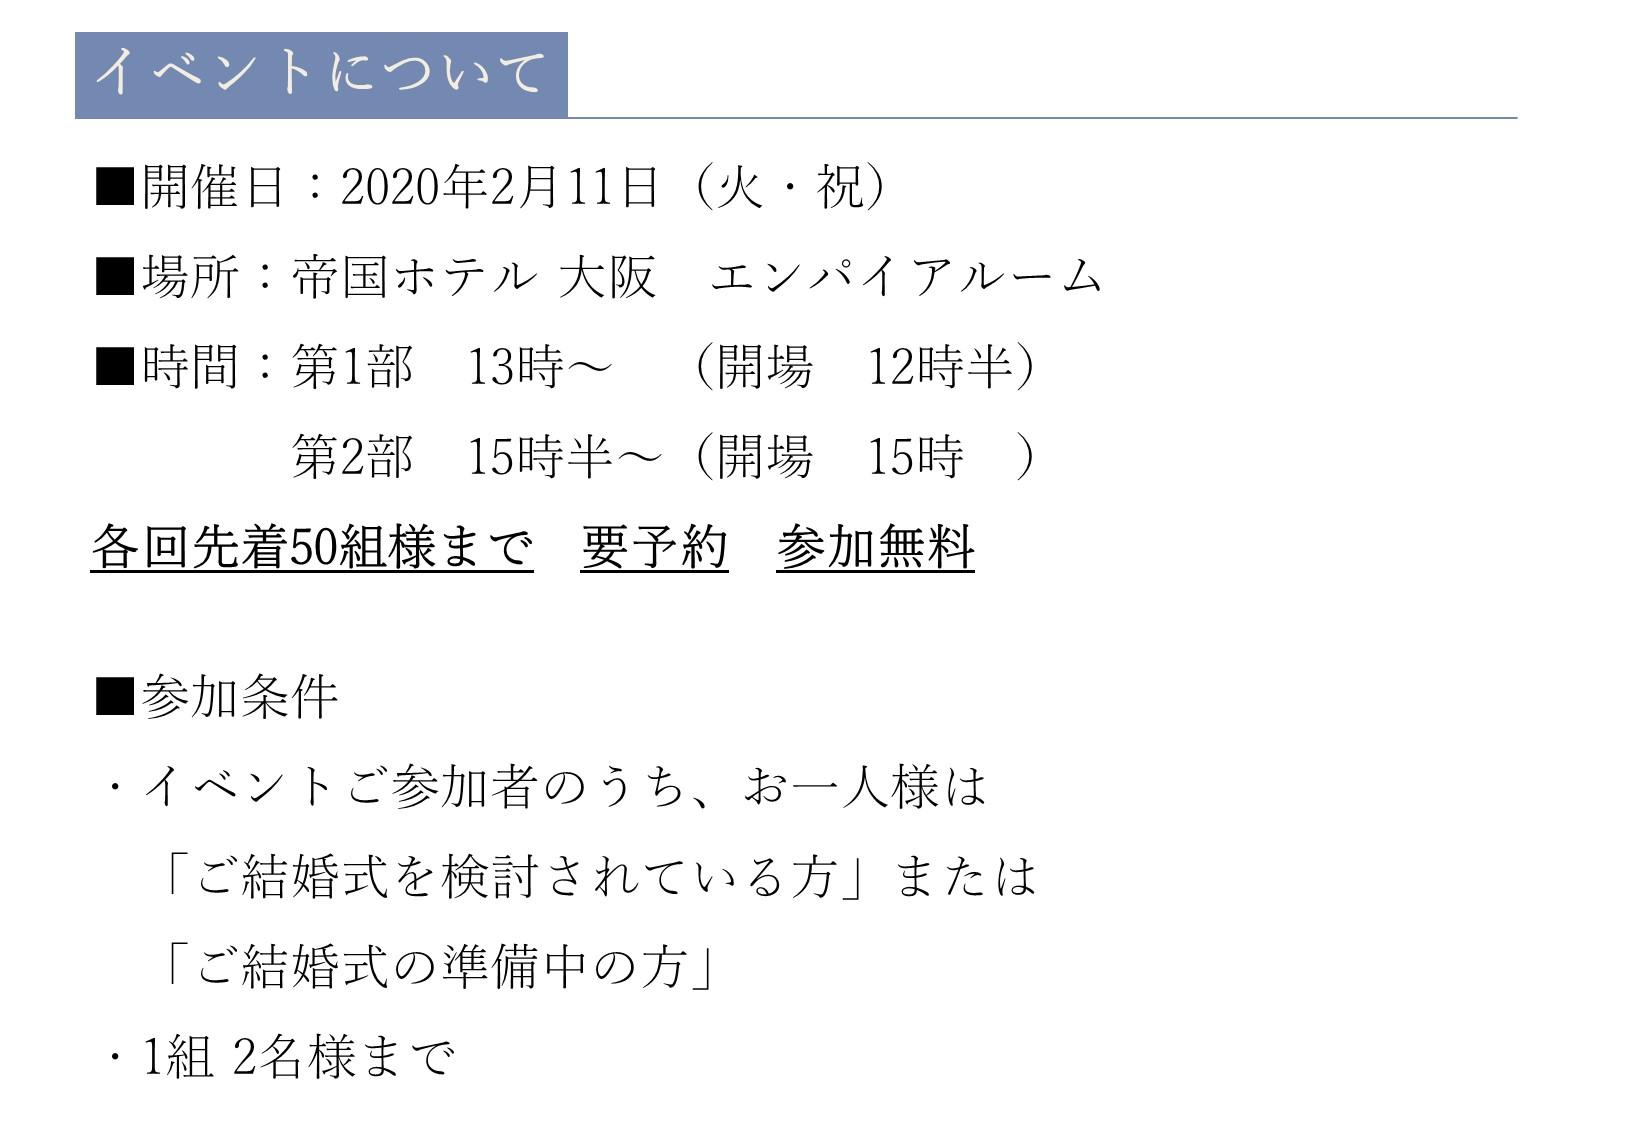 阪急ウェディング